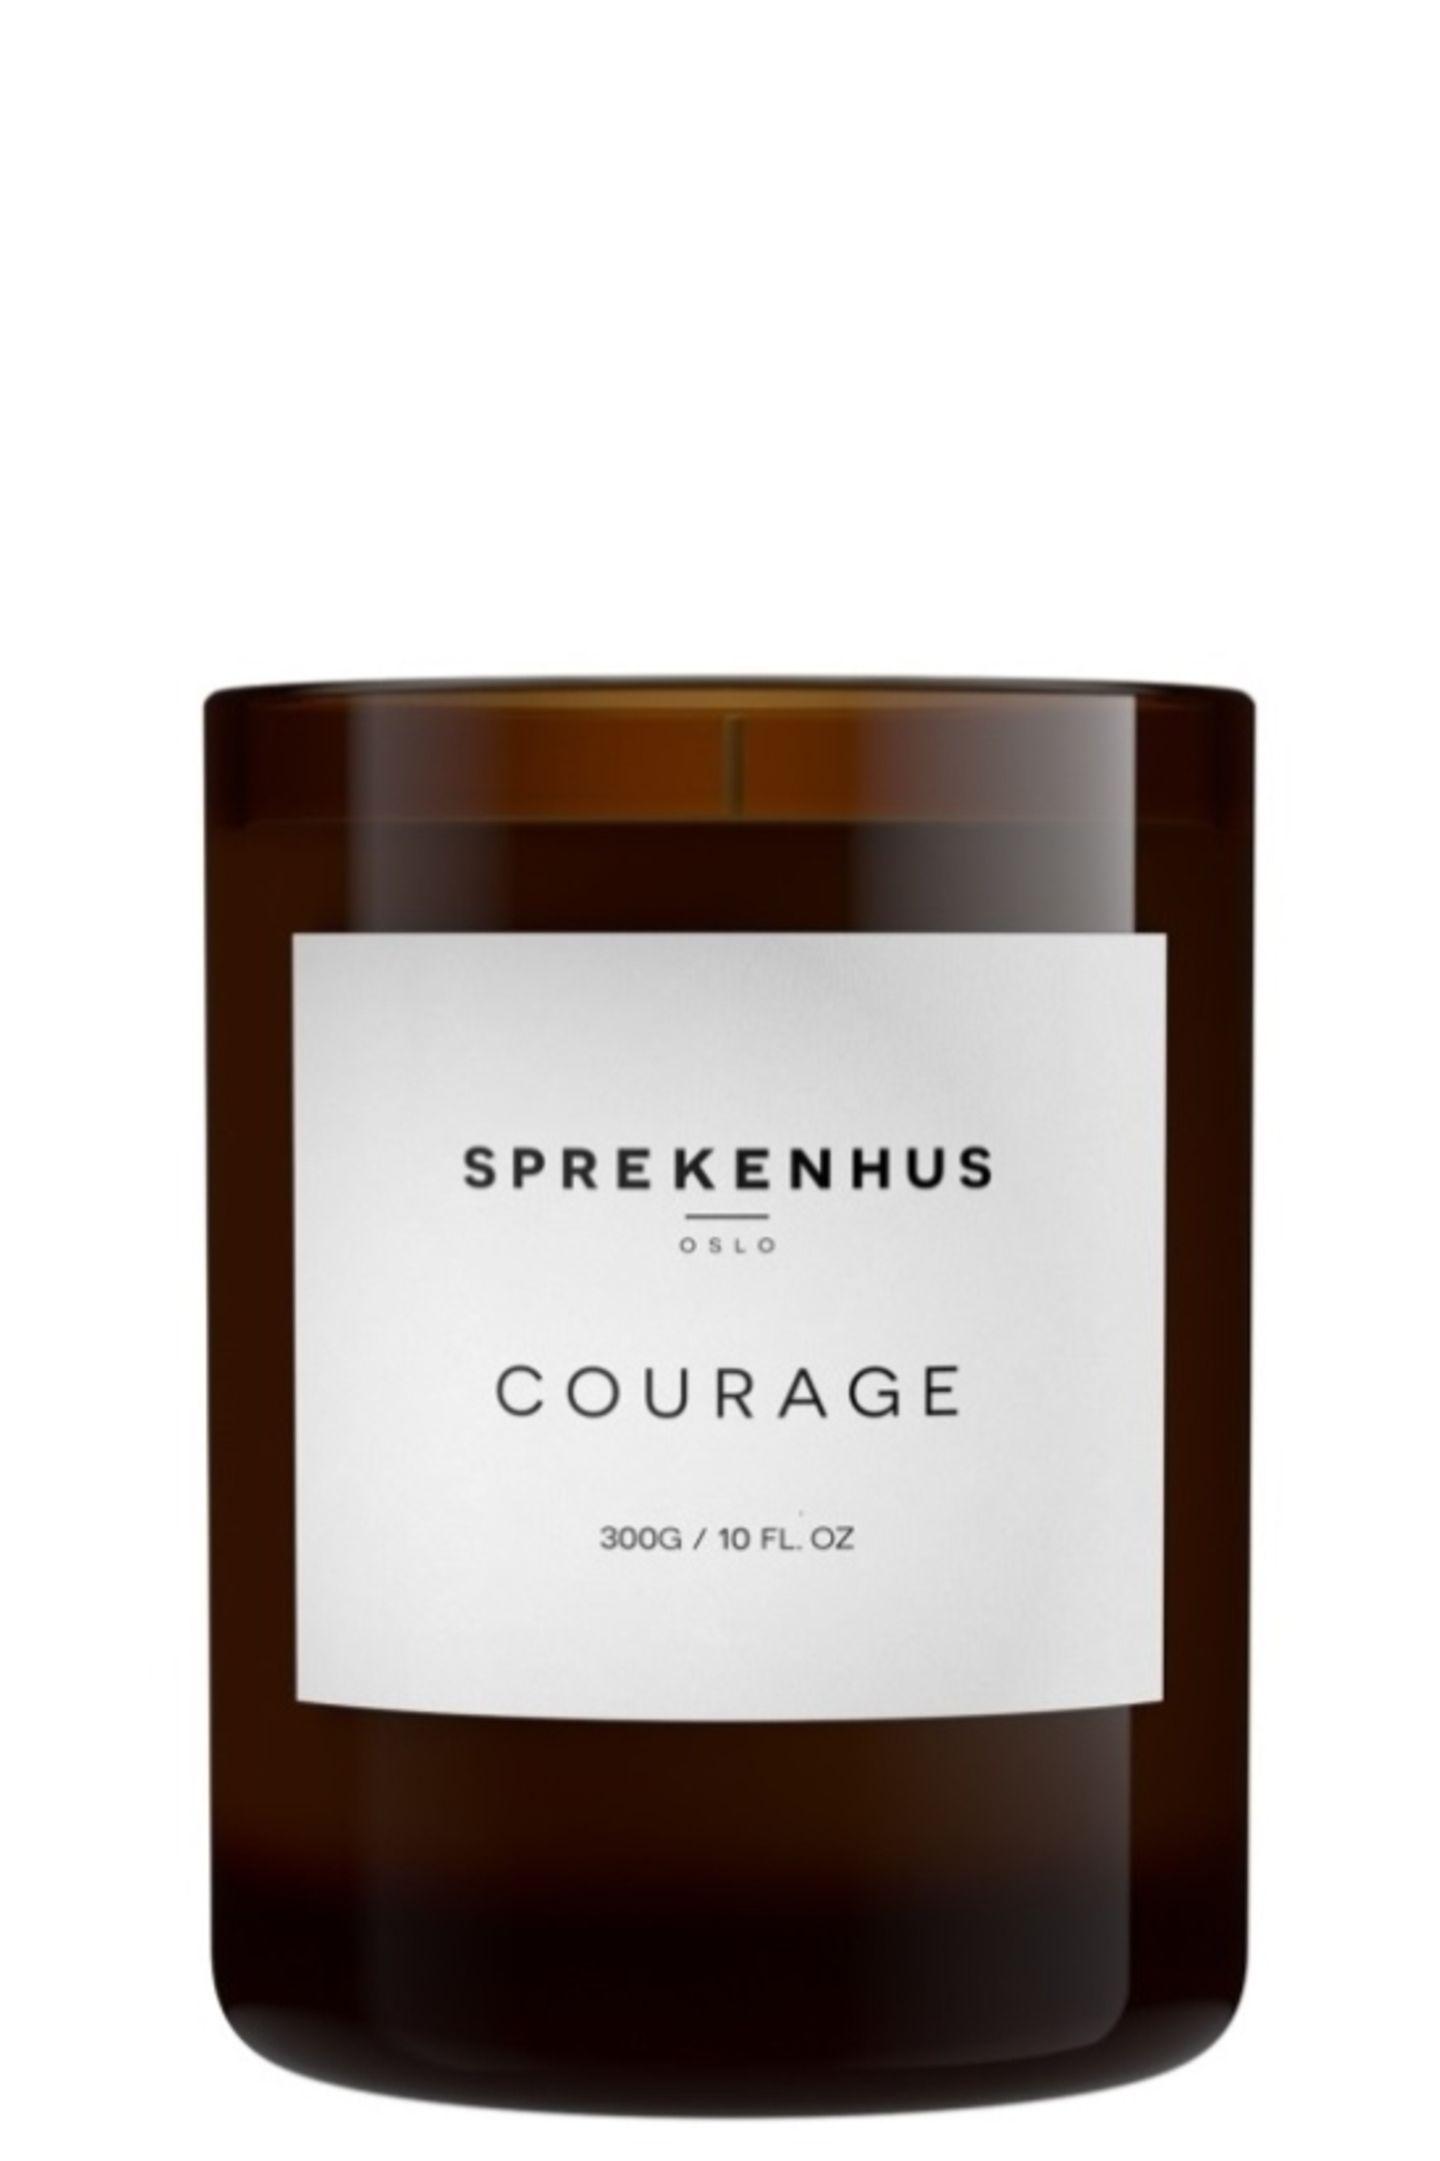 """Wie riecht Gemütlichkeit? Auf diese Frage haben wir nun eine Antwort. Die """"Courage""""-Duftkerze von Sprekenhus füllt unser Zuhause mit einem einzigartigen Duftmix aus Beere, Vanille, Karamell und einer spritzigen Zitrusnote. Ob im Badezimmer, Flur oder ganz gemütlich im Wohnzimmer - diese Duftkerze sorgt für pure Behaglichkeit. Von Sprekenhus, ca. 72 Euro."""